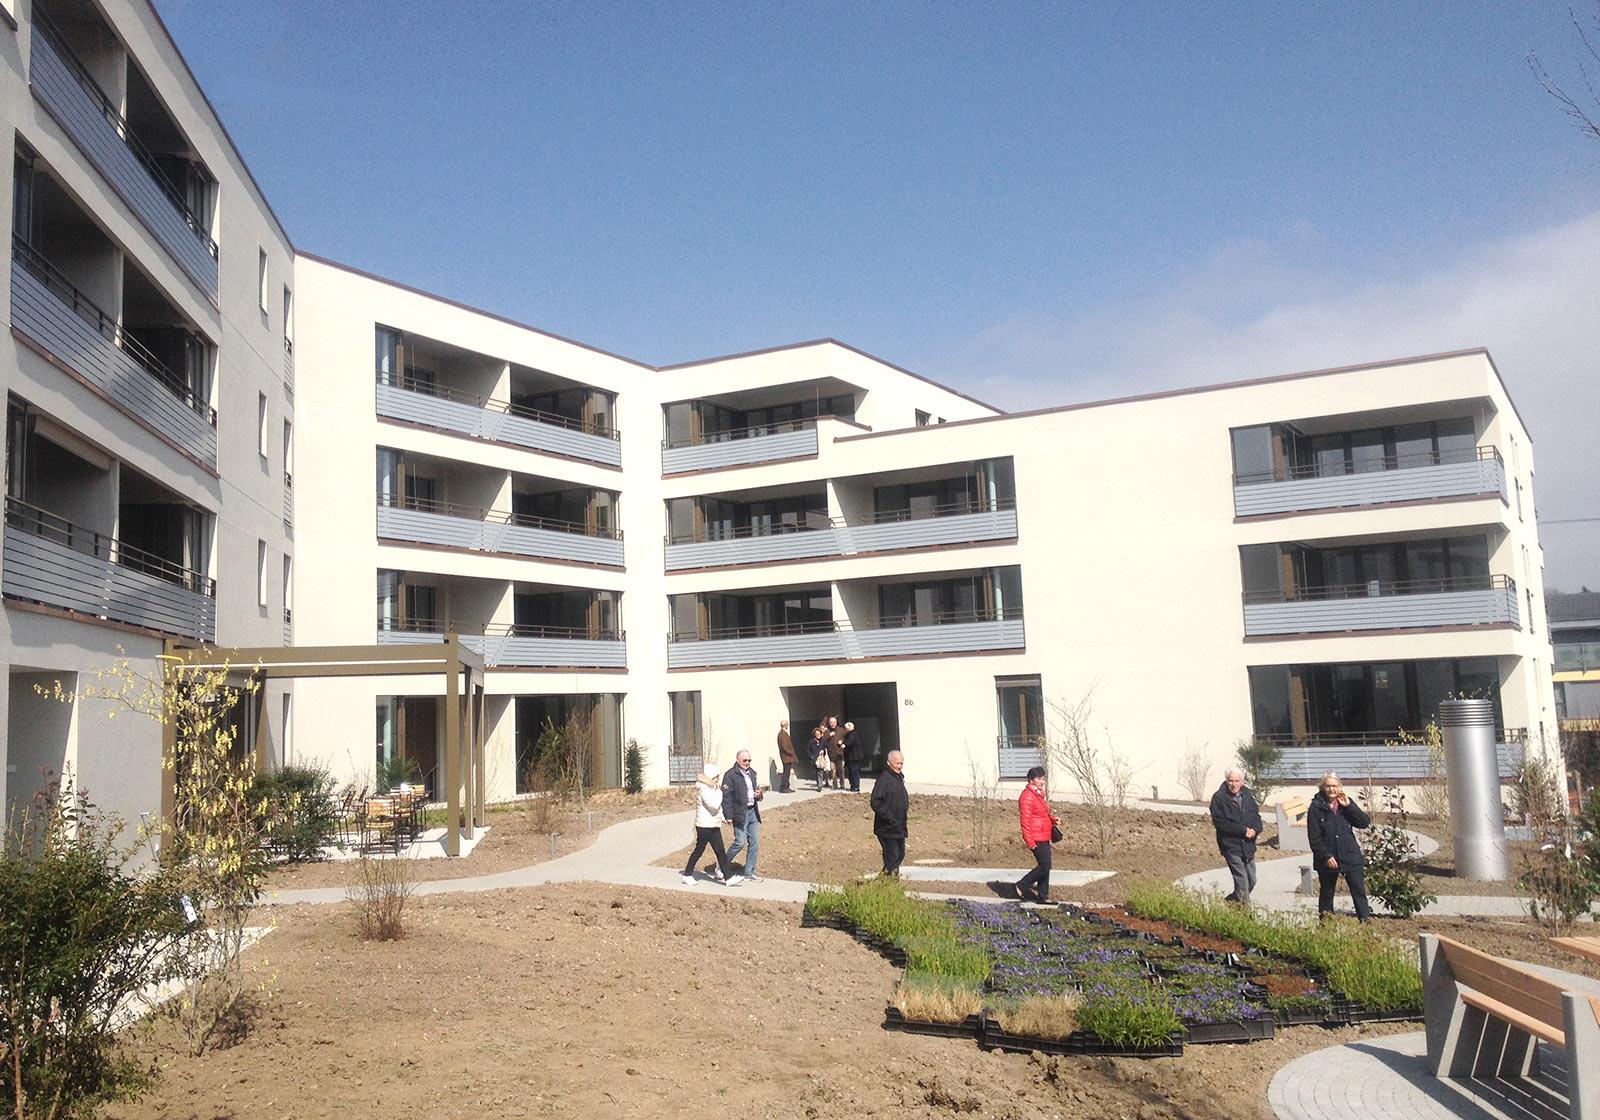 Многочисленные посетители пришли в день открытых дверей, чтобы в личных целях узнать о доме престарелых. Фото: ATP/Schmidt